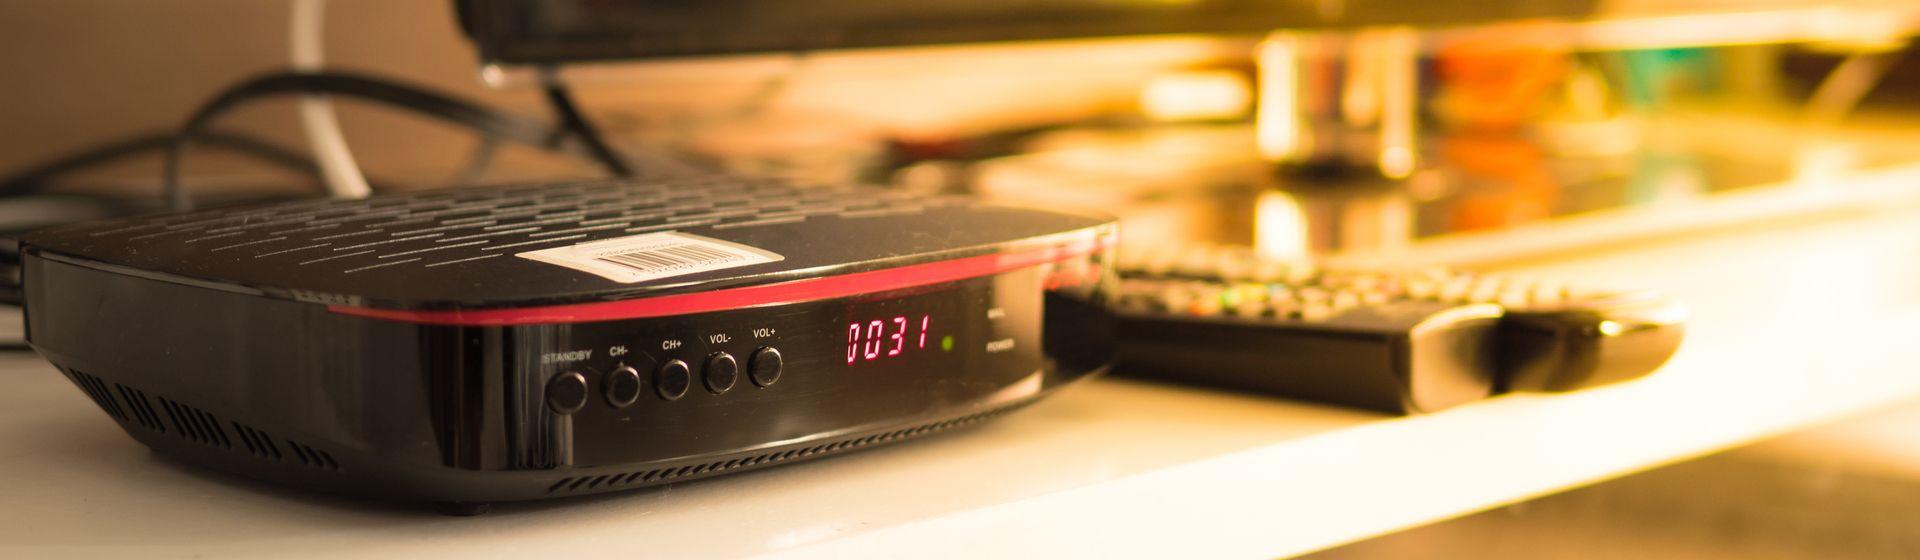 Os 8 Melhores Conversores Digitais para TV em 2021